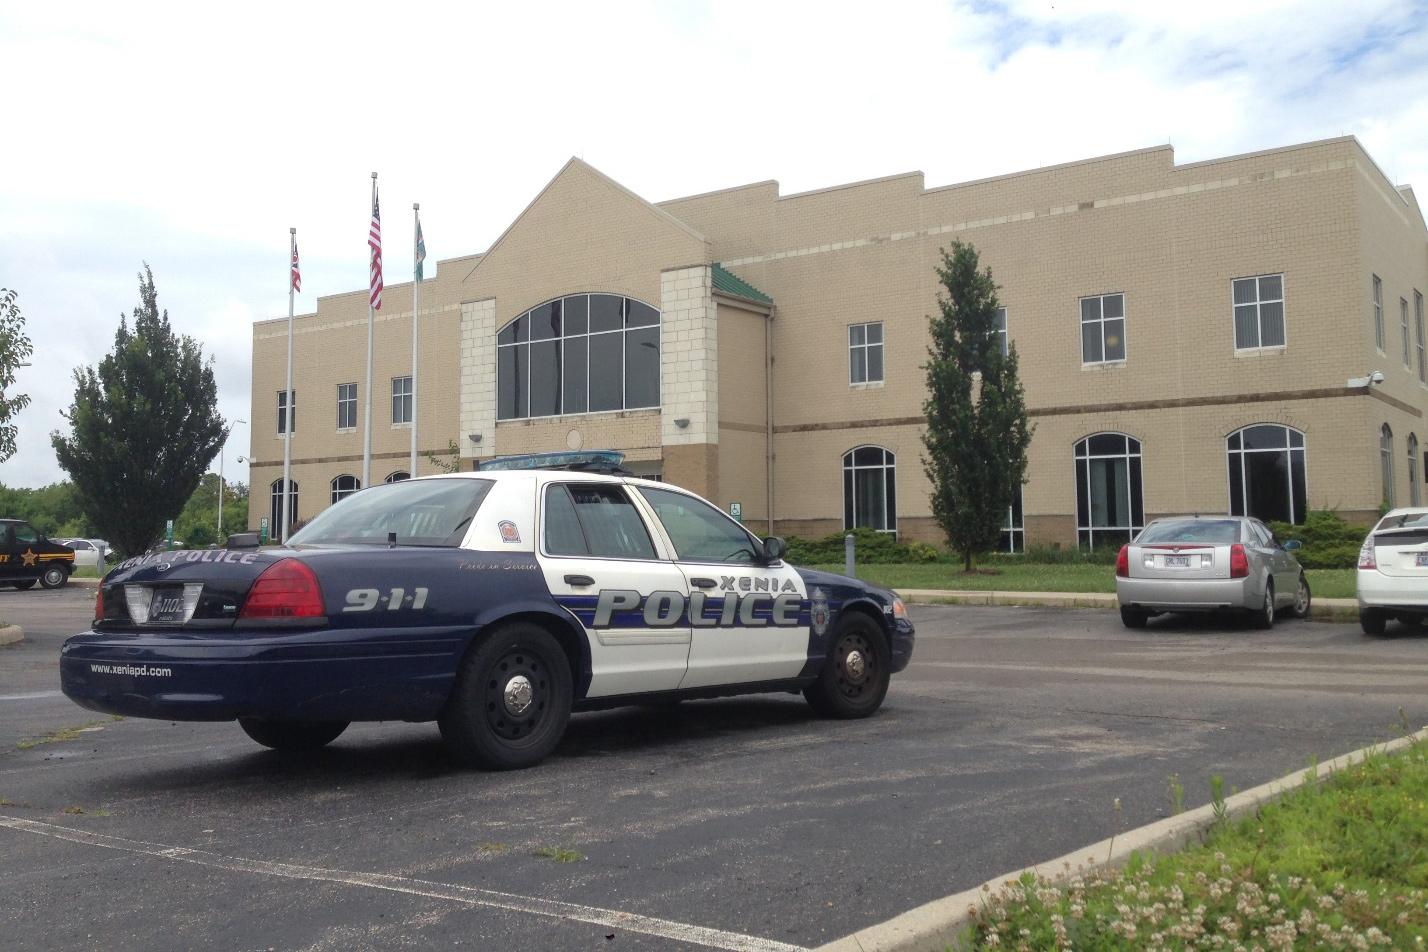 Ein blau-weisses amerikanisches Polizeiauto steht auf einem Parkplatz vor einem Gefängnis.